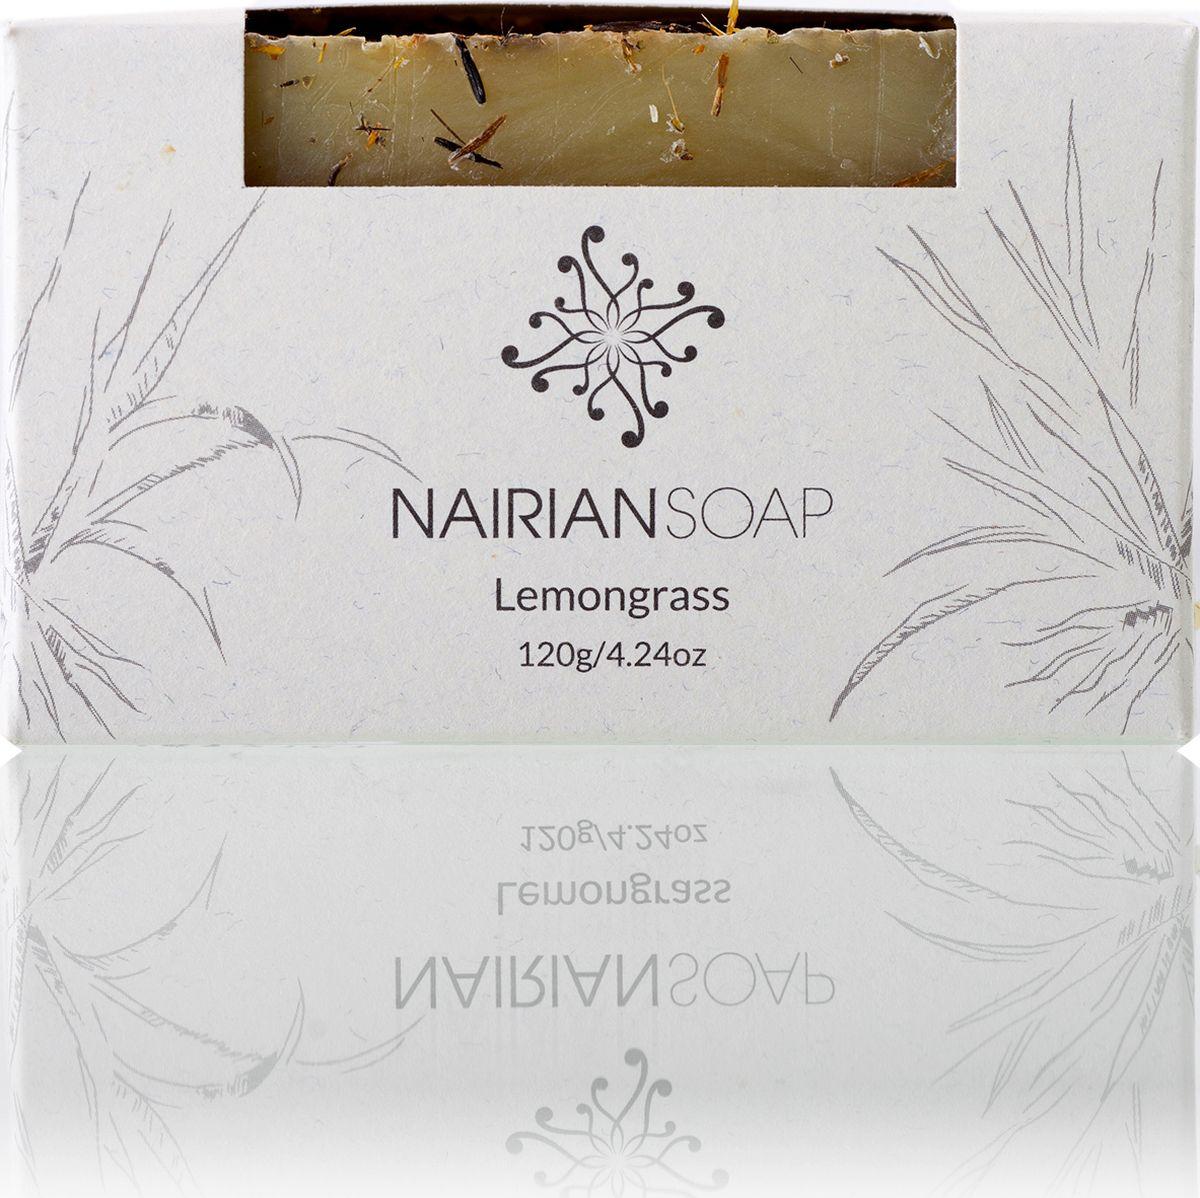 Nairian Мыло, лимонник, 120 гBSSLG-01-0120Эфирное масло лемонграсса борется с бактериями и грибками, сужает поры, уменьшает сальные и потовые выделения, подтягивает кожу и дарит мылу освежающий аромат, который приходится по душе как женщинам, так и мужчинам. Кроме того, в состав мыла входит масло облепихи, восстанавливающее кожные клетки и помогающее заживлять ожоги (в том числе солнечные), порезы, ранки, лечить высыпания.